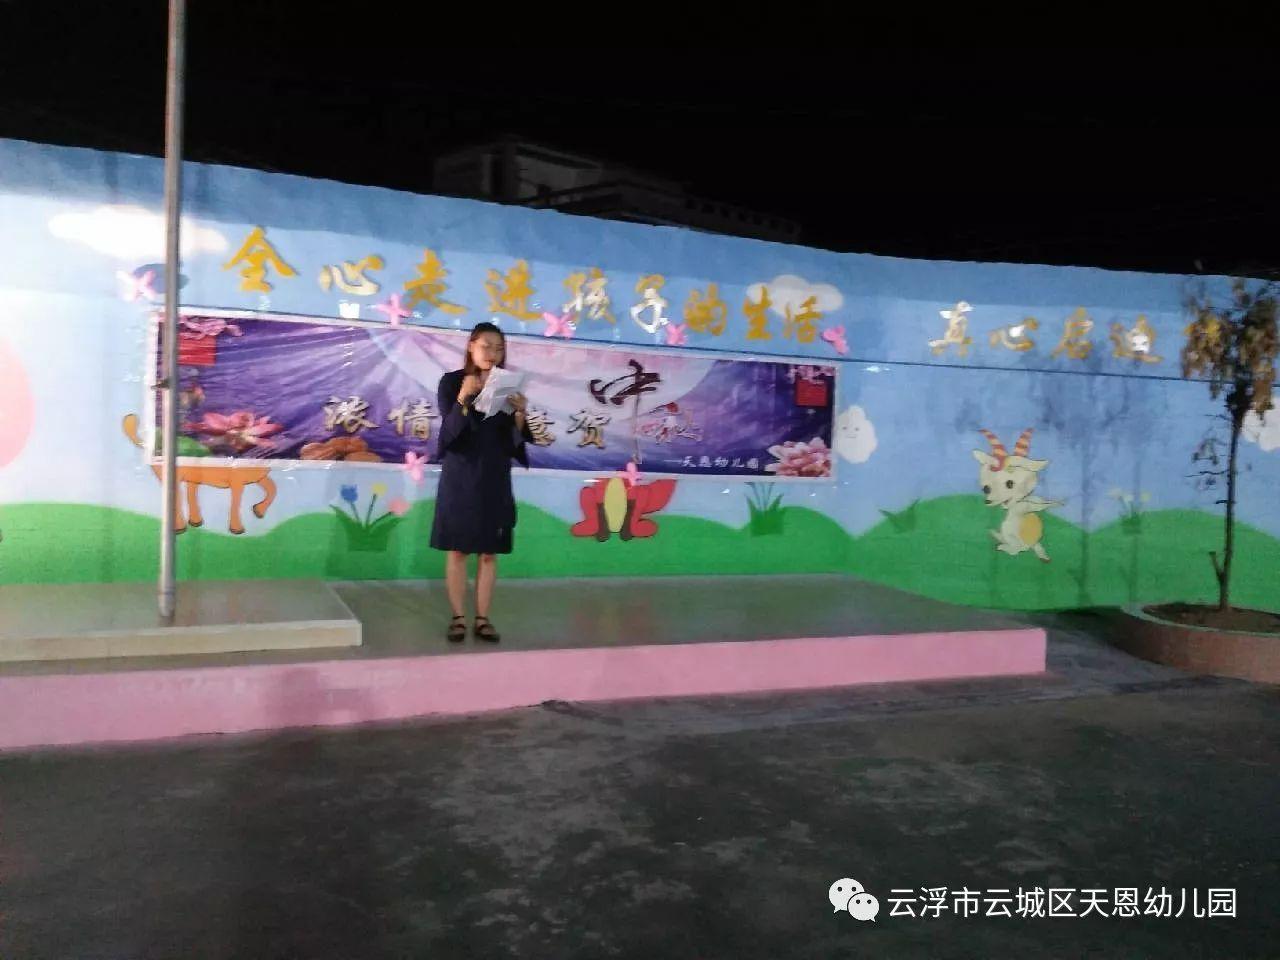 创意灯笼,点亮祝福——天恩幼儿园2017亲子灯笼diy活动